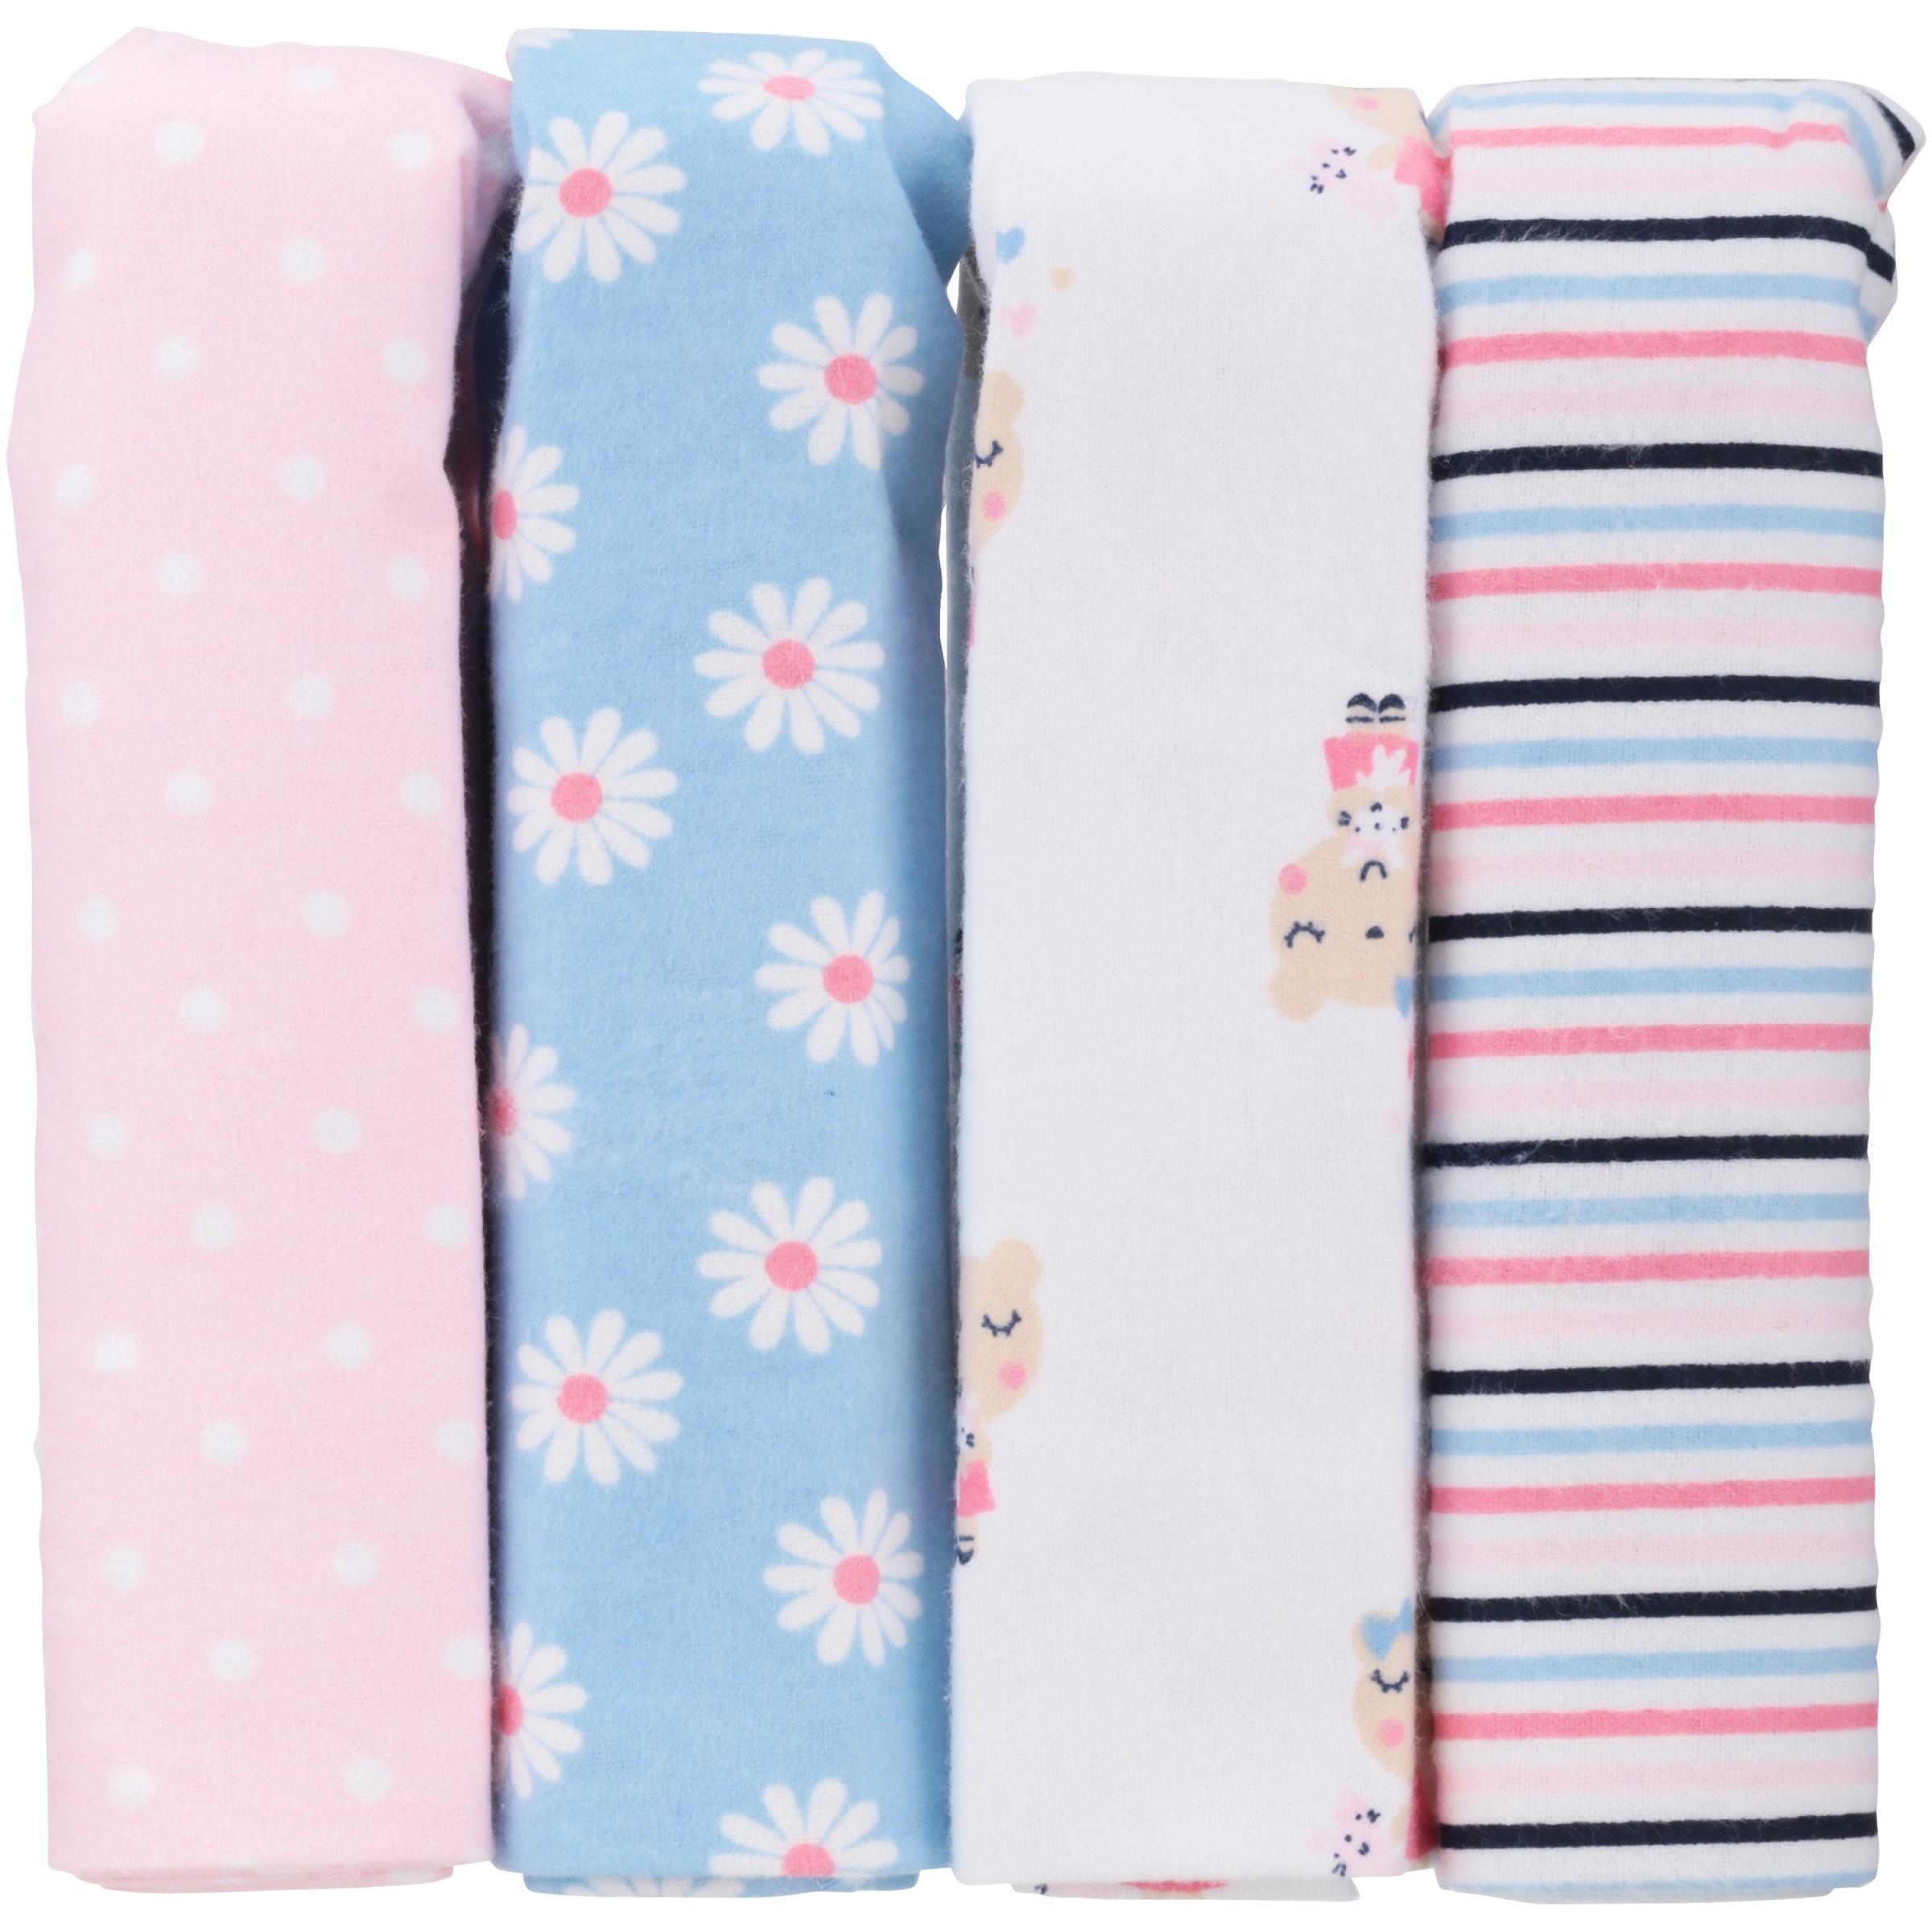 Gerber Newborn Baby Girl Assorted Flannel Receiving Blanket, 4-Pack